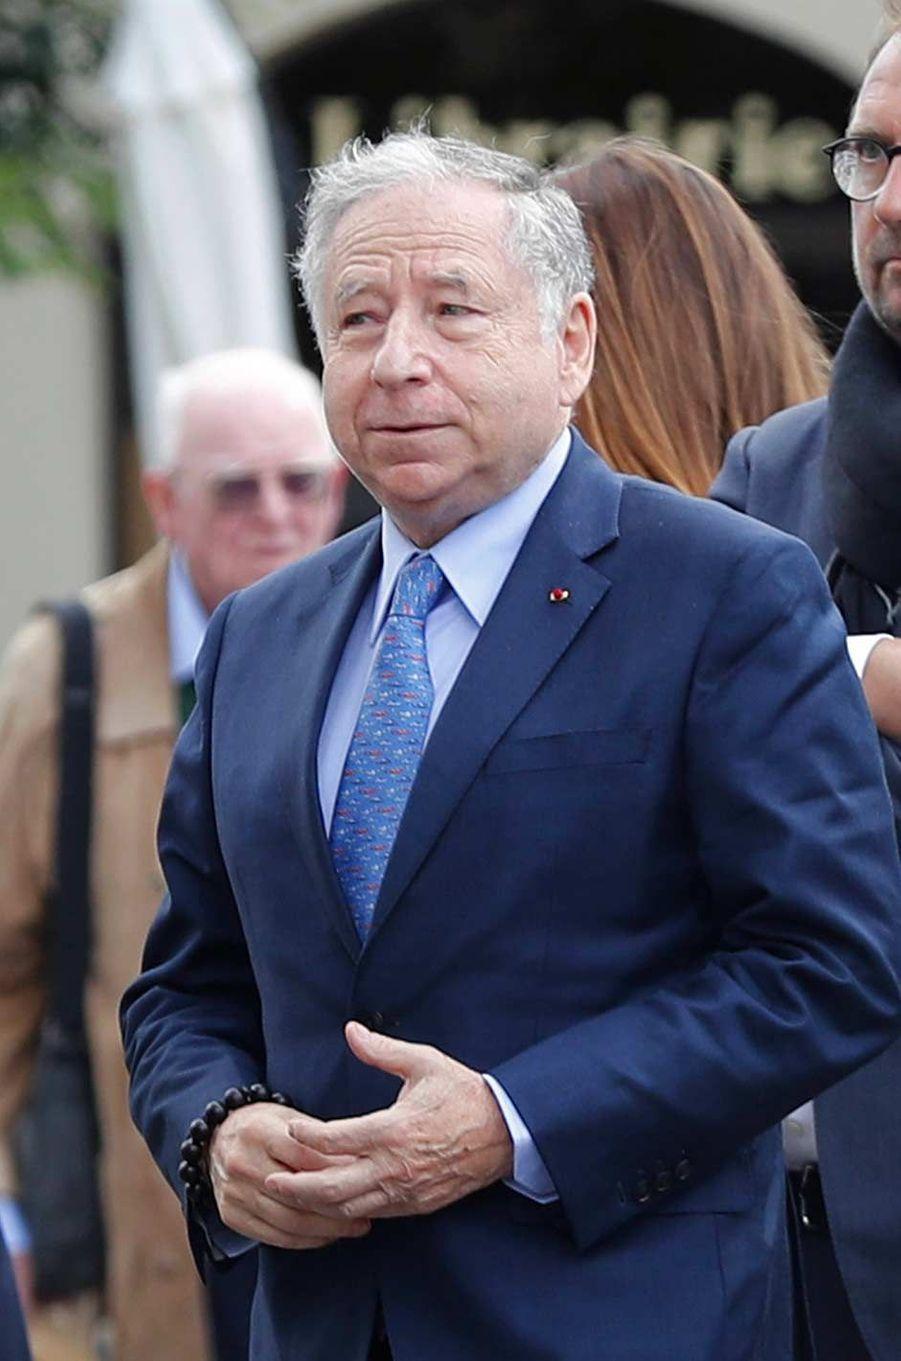 Jean Todtaux obsèques d'Anthoine Hubert à Chartres, le 10 septembre 2019.